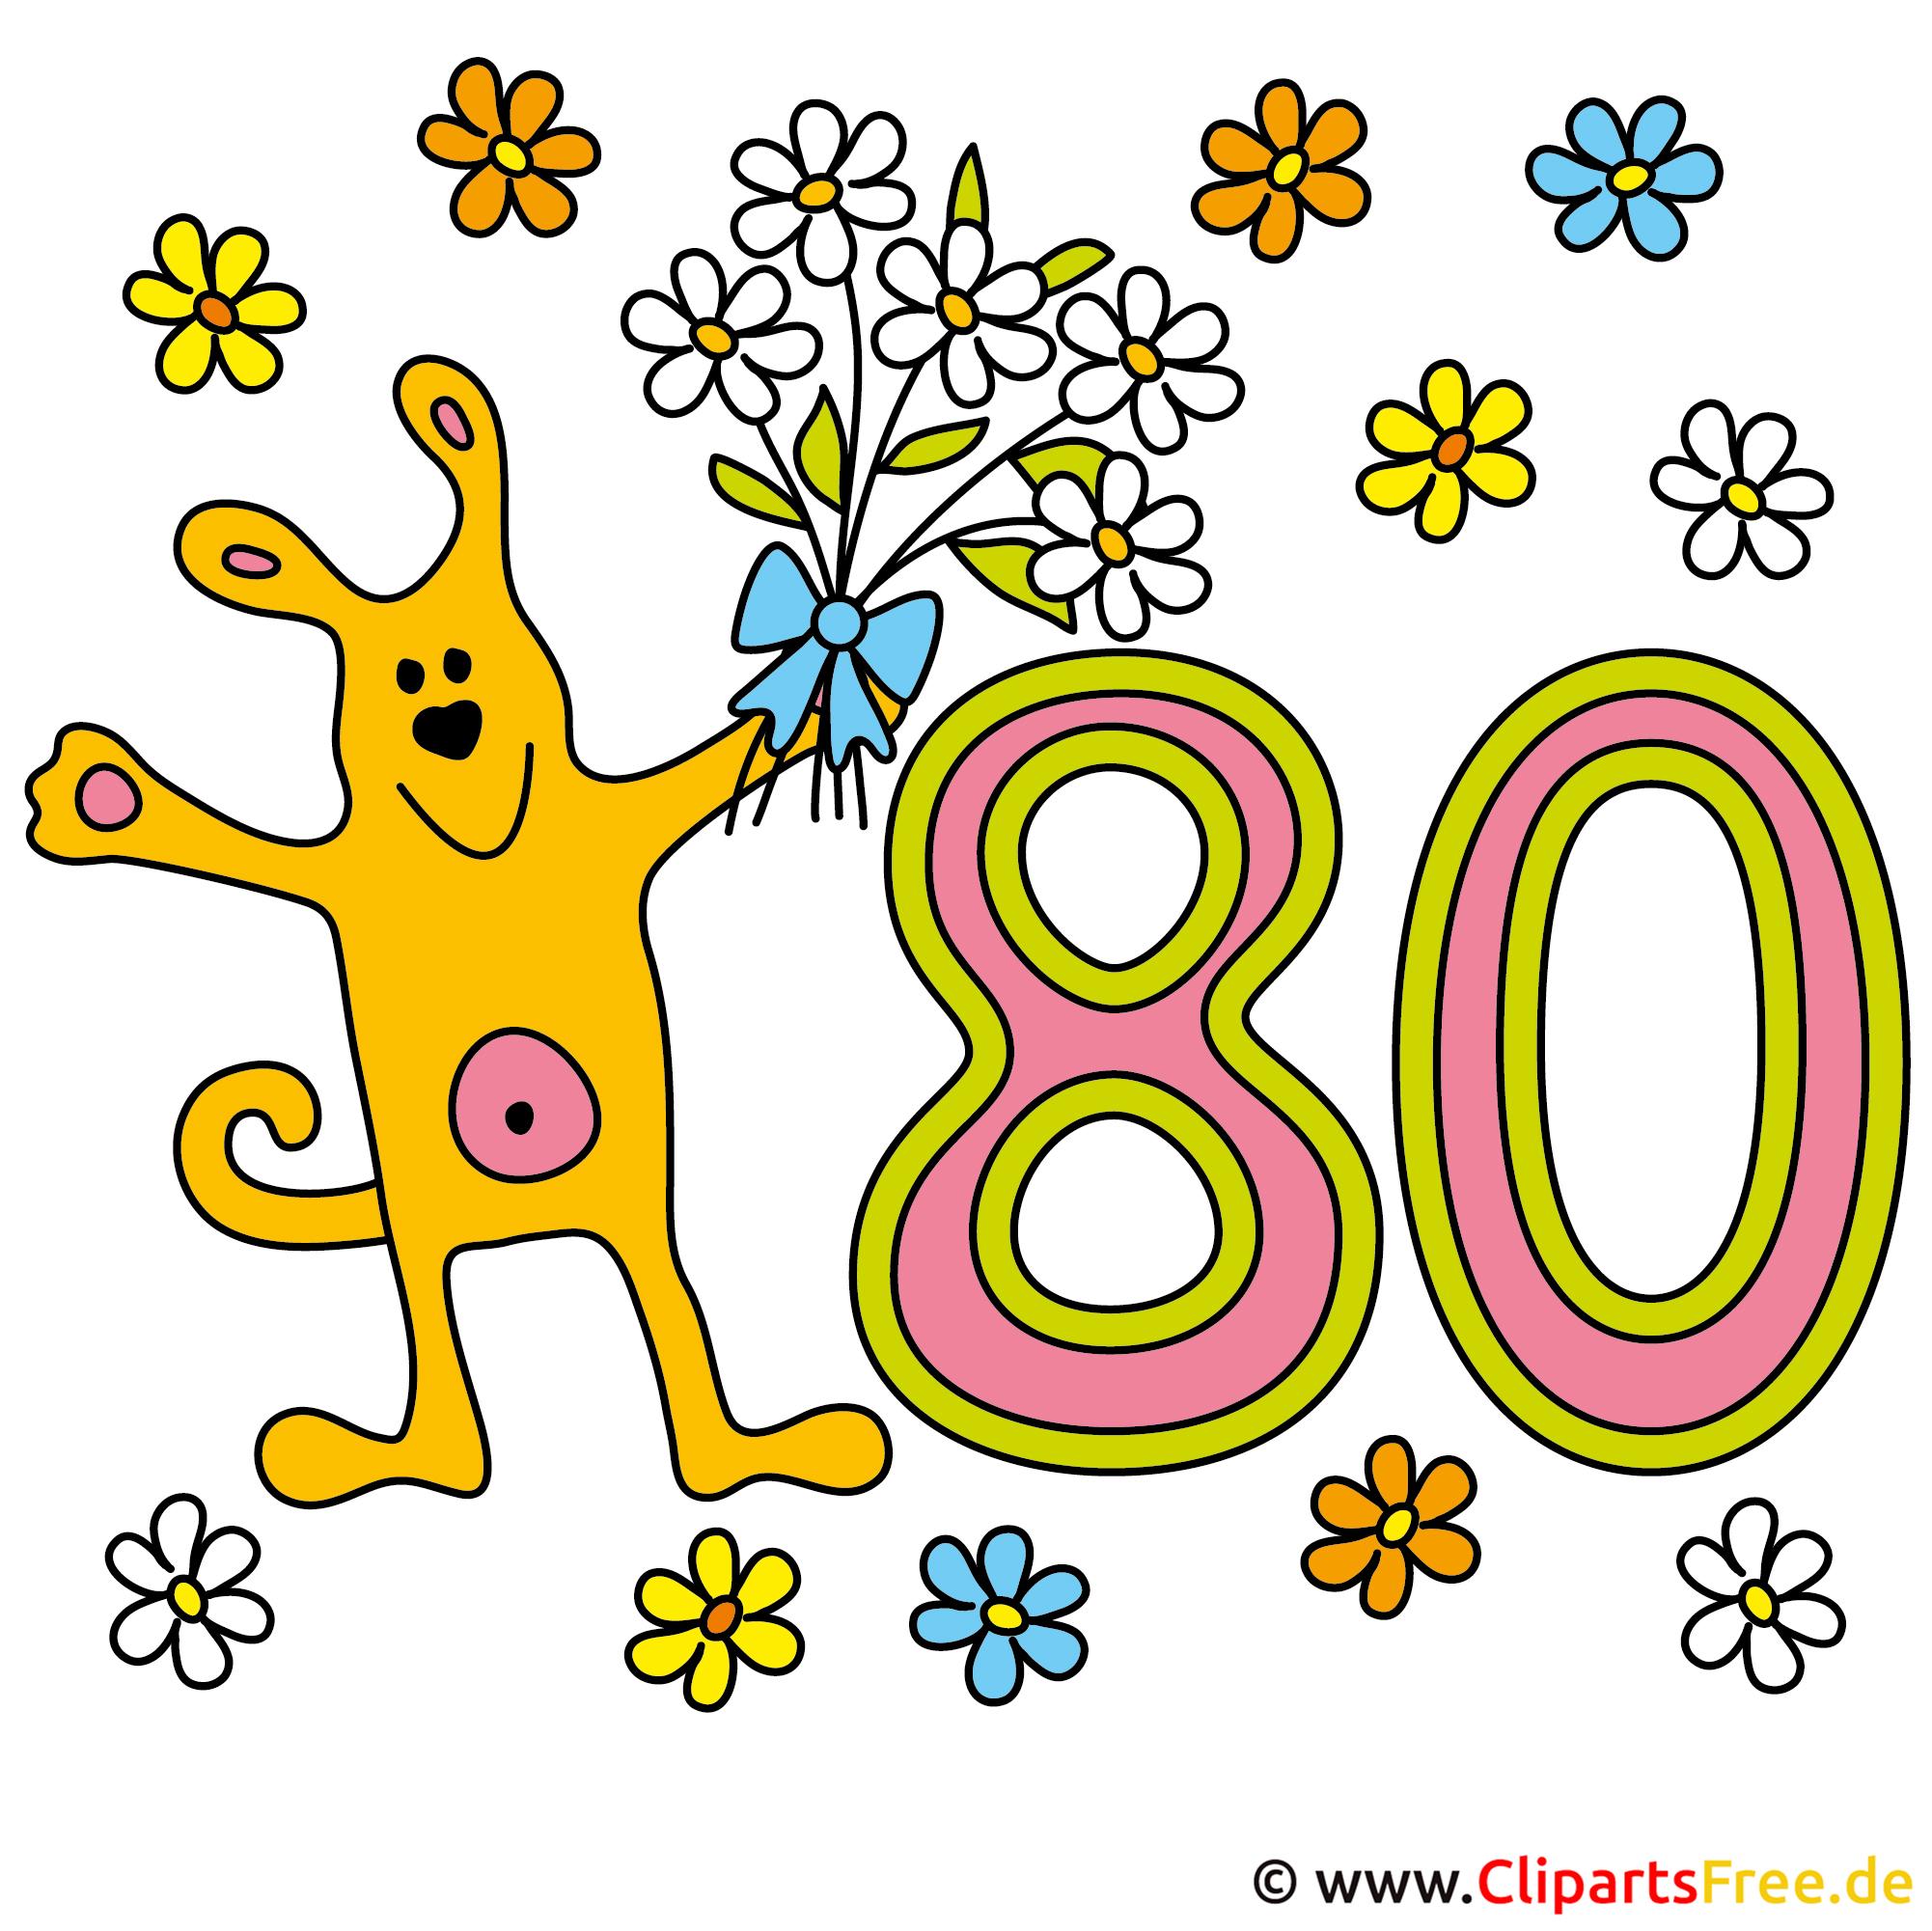 80 Jubilaum Bild Karte Clipart